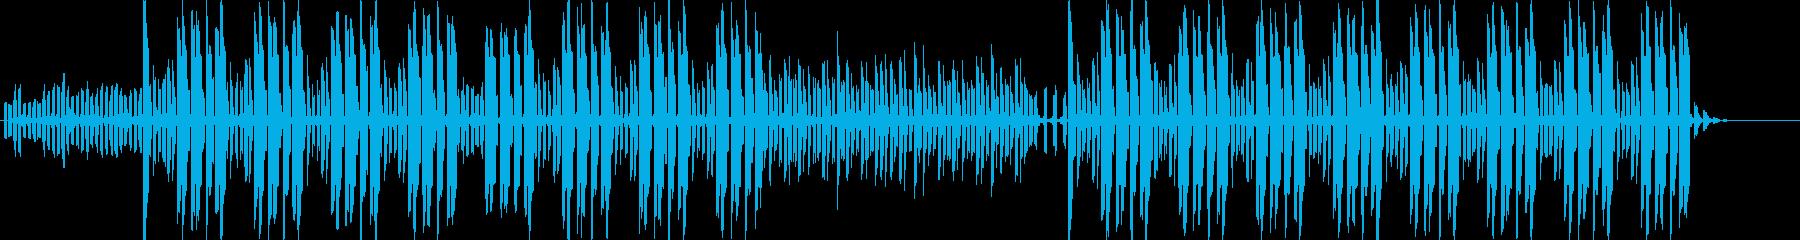 テクノ系のグルーブが心地よいBGMです。の再生済みの波形